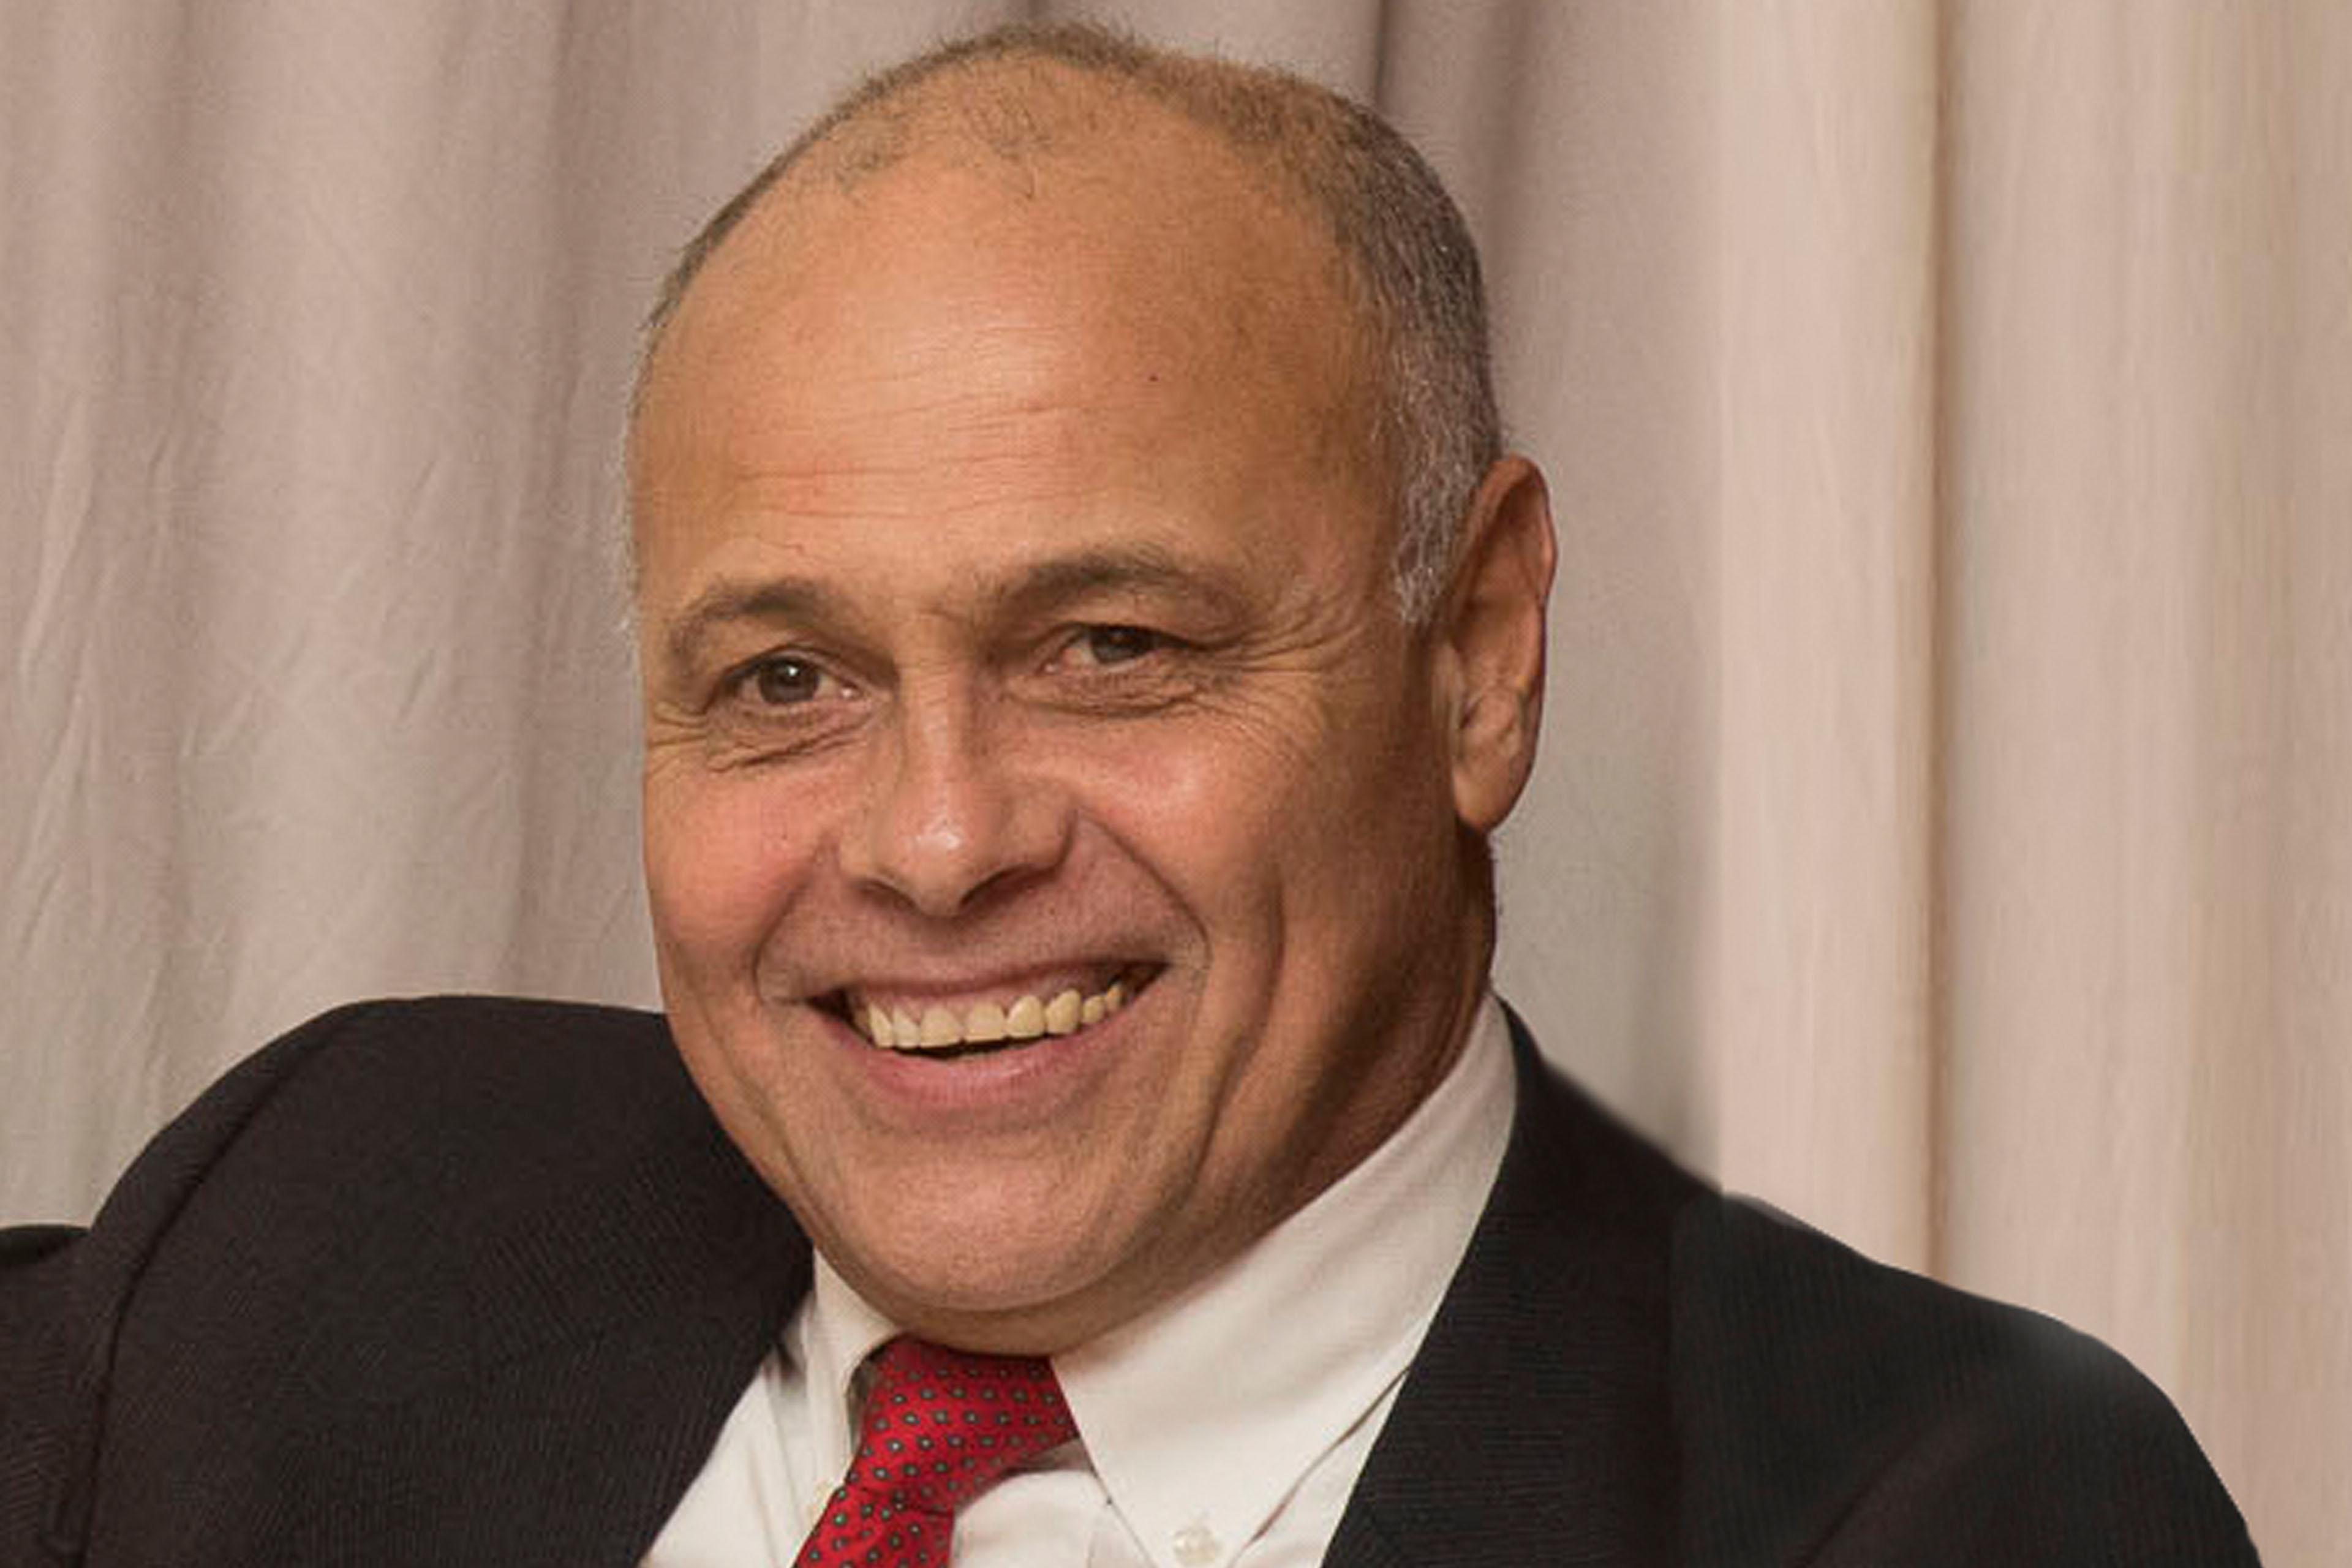 Raul Quereilhac